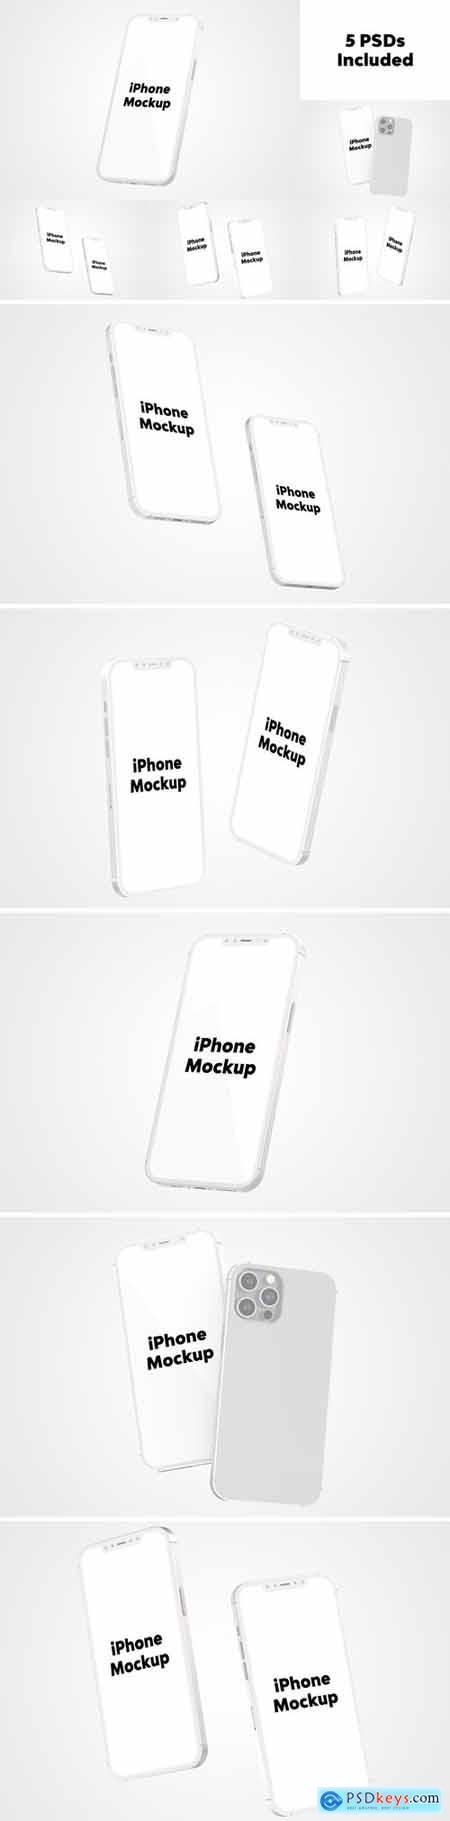 iPhone 12 Mockup Set